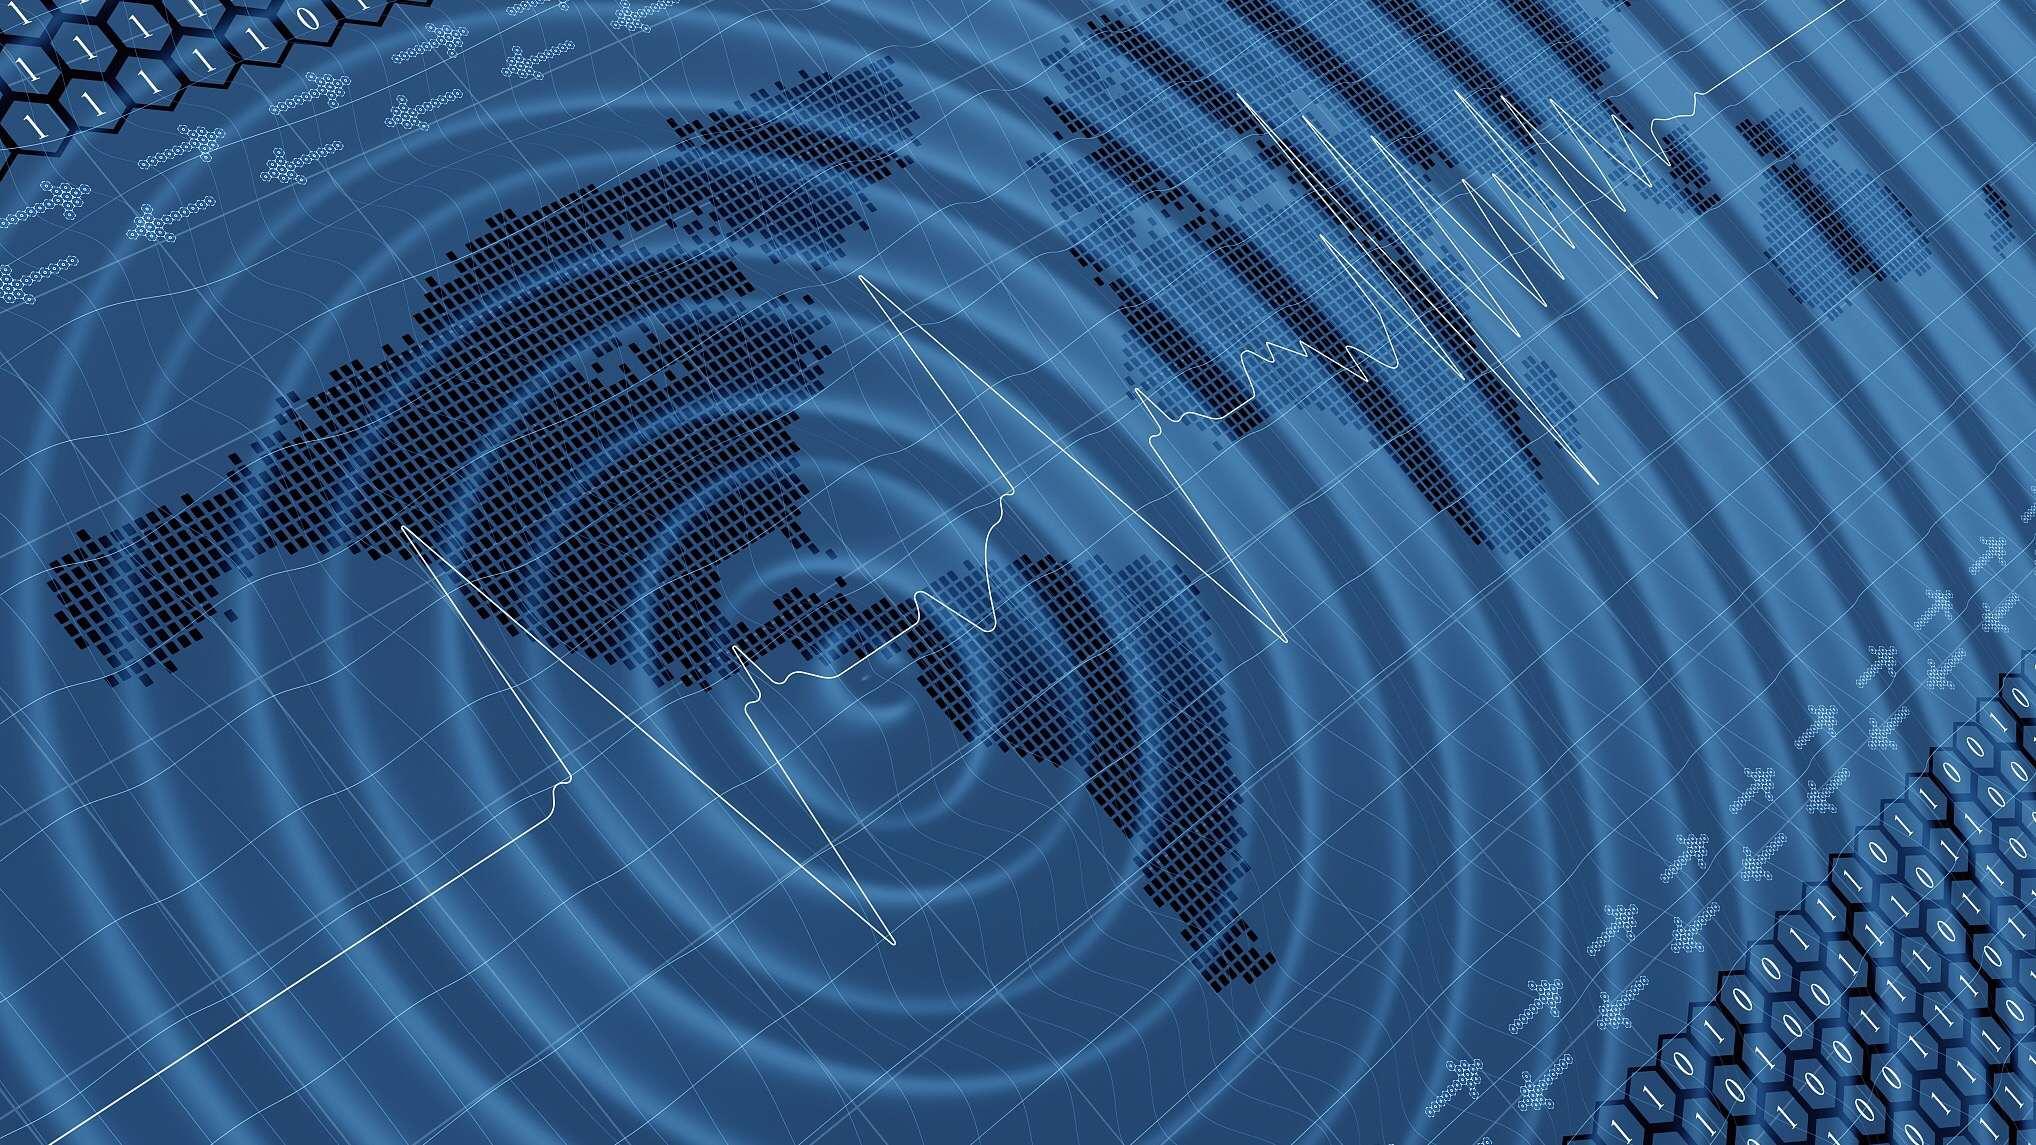 5.1-magnitude quake hits Philippines